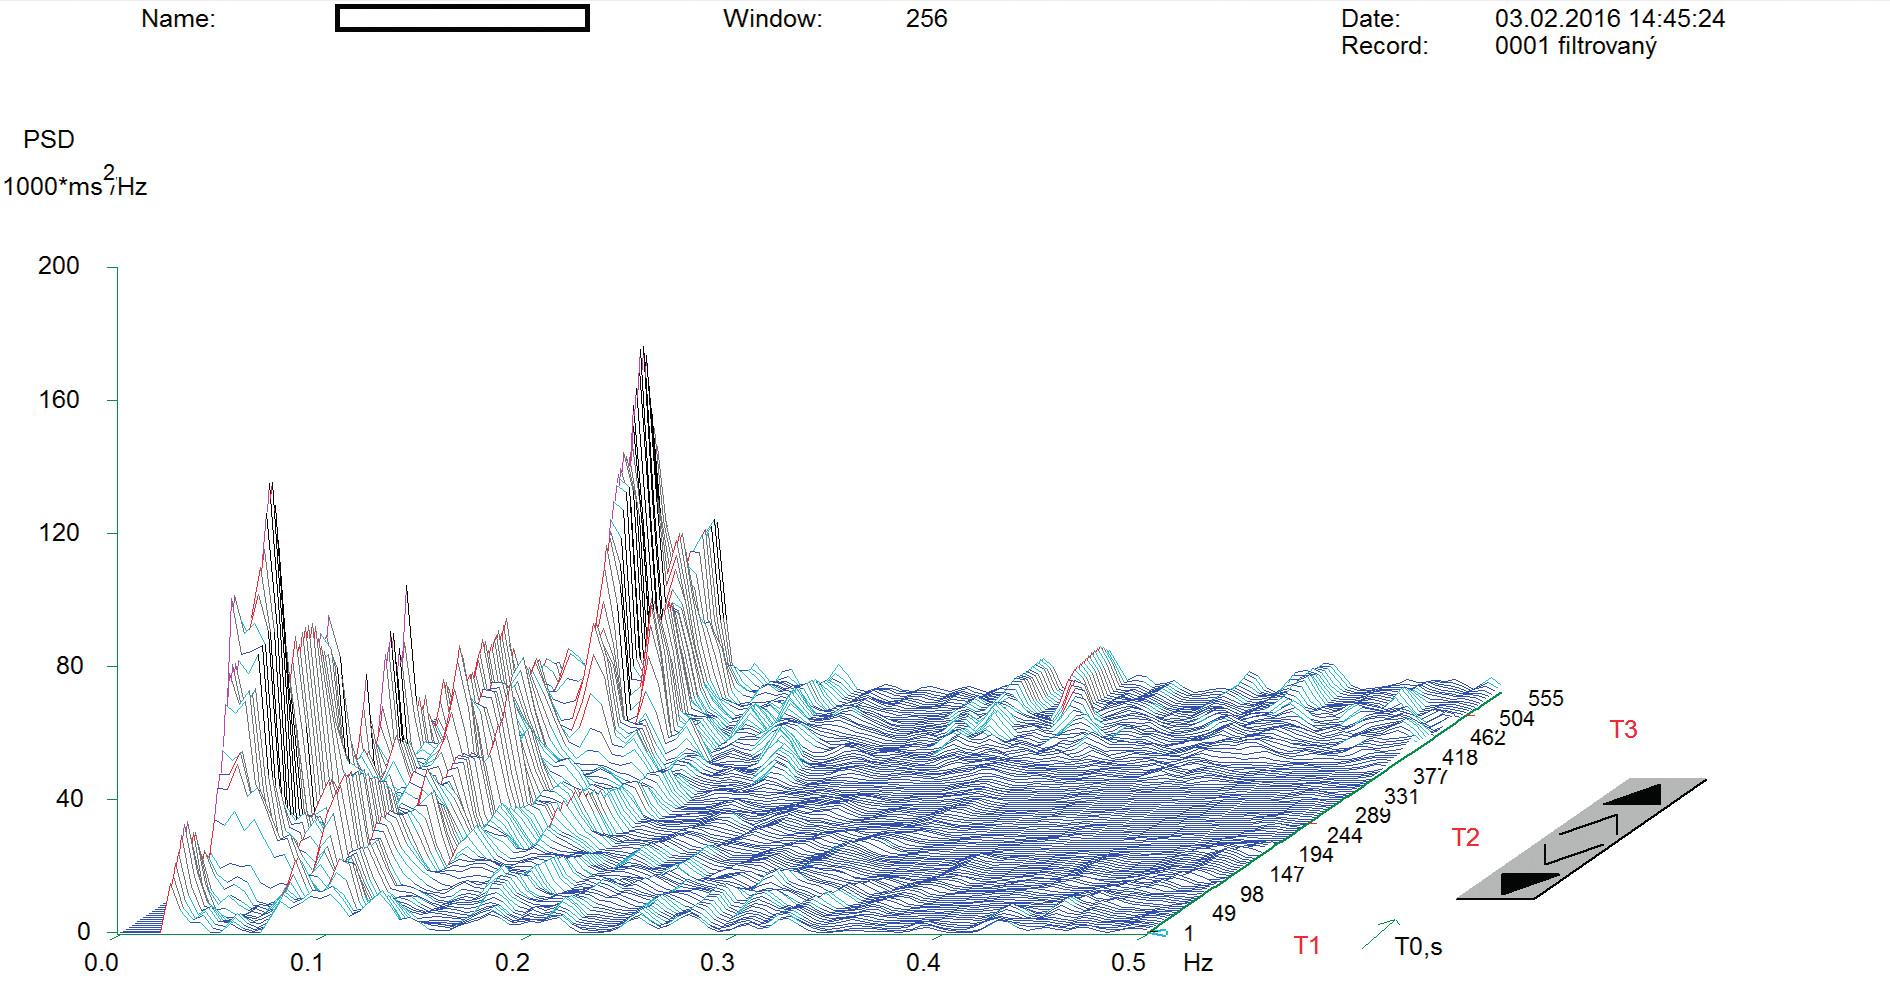 Spektrální analýza variability srdeční frekvence probanda před aplikací zvoleného relaxačního programu AVS.